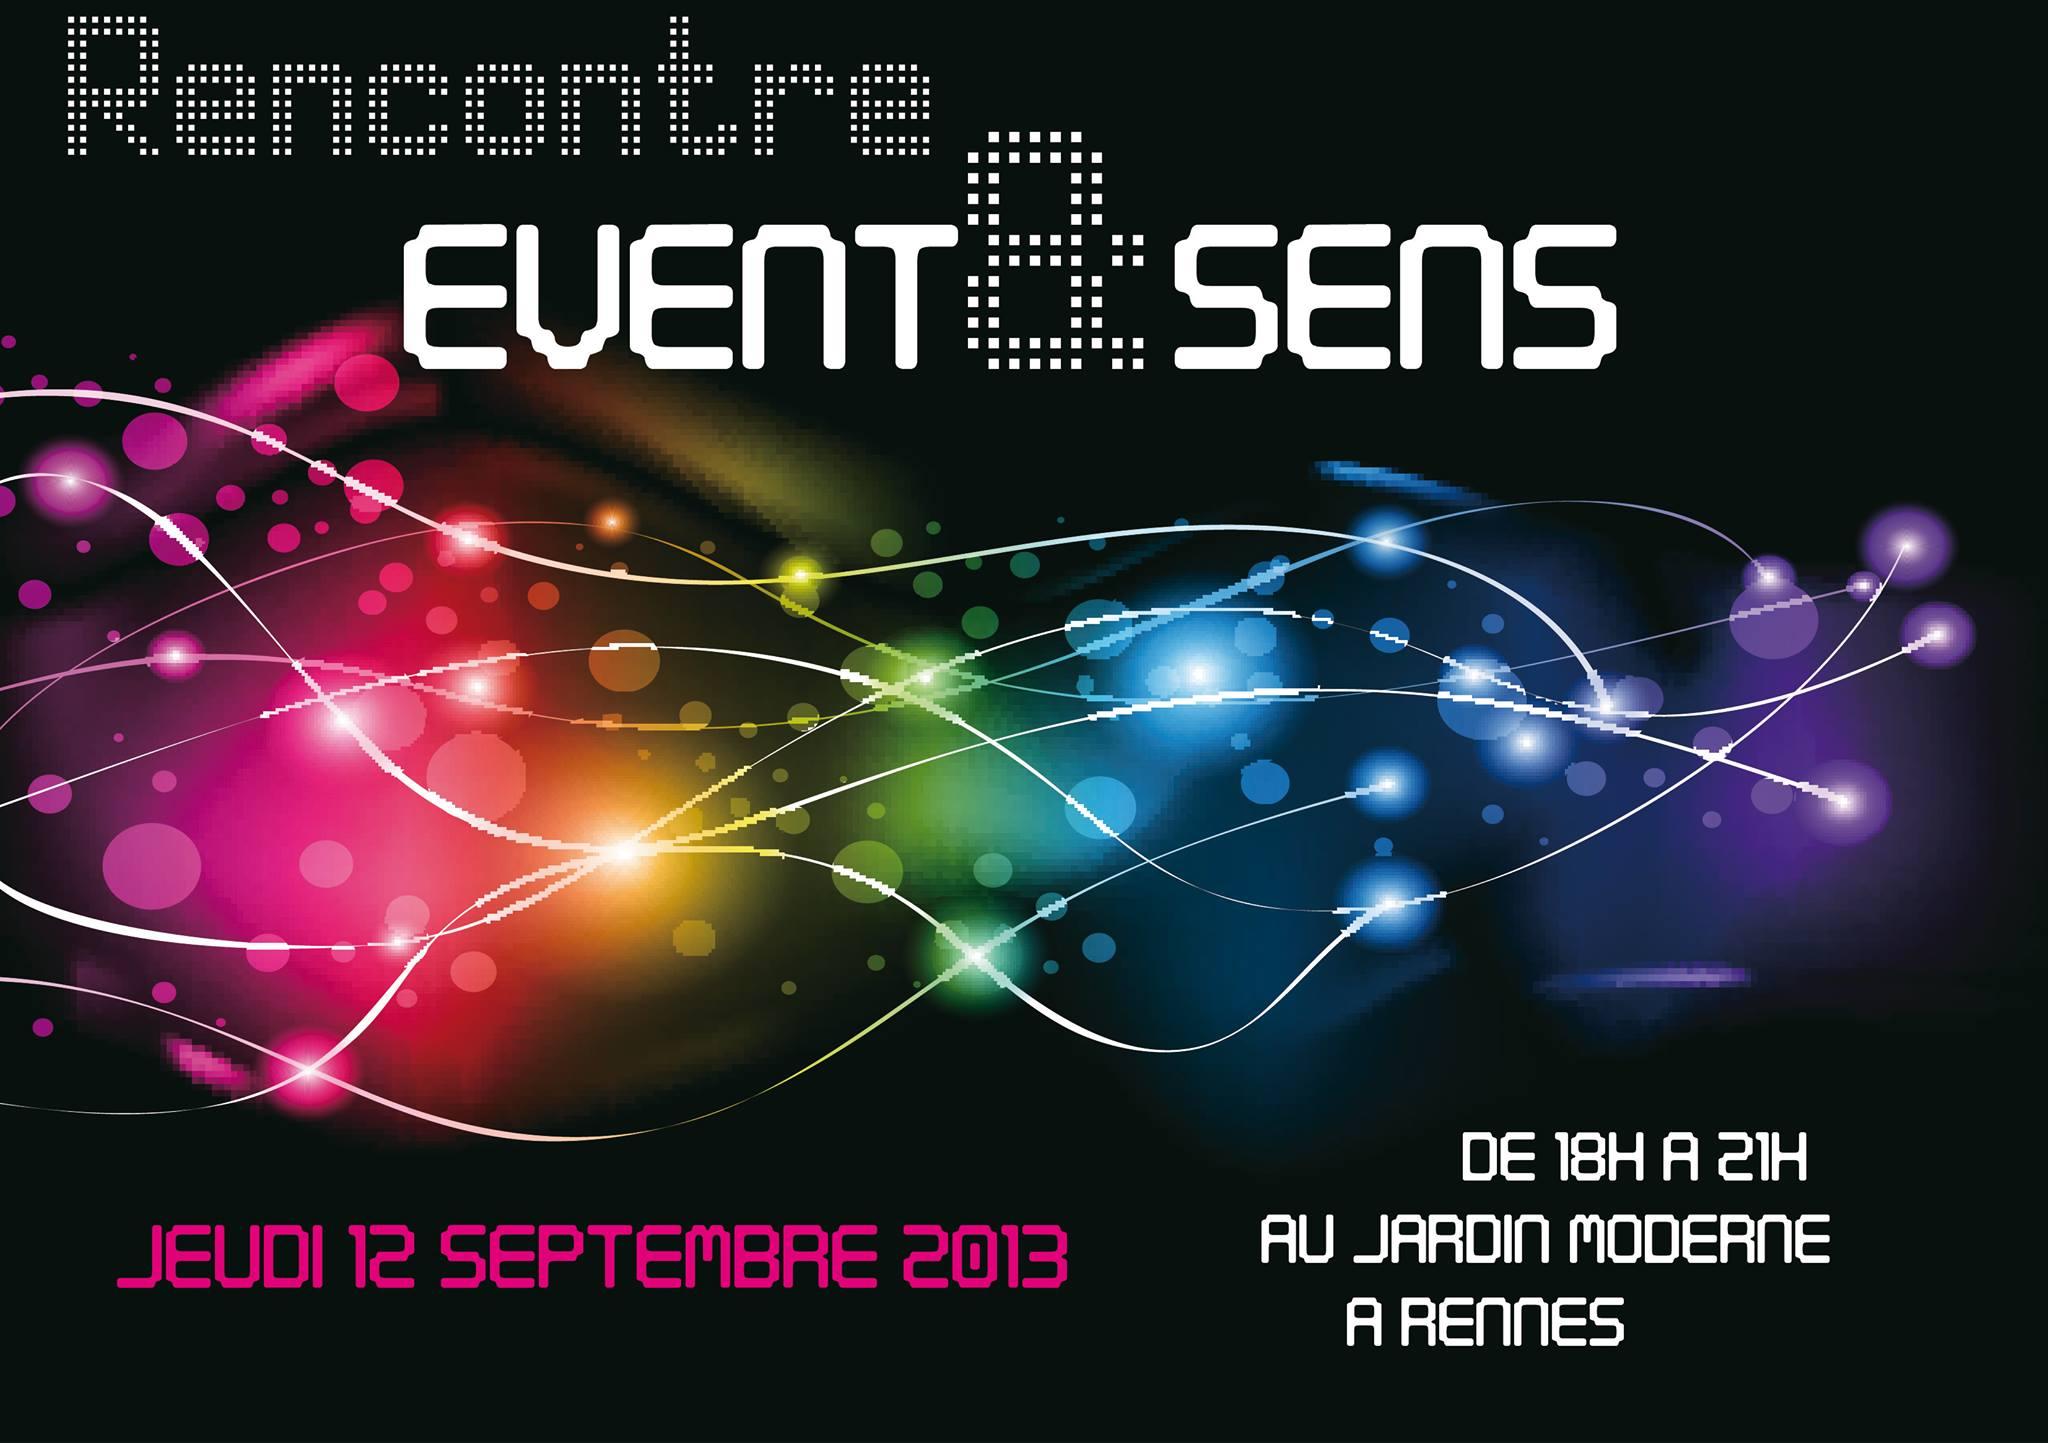 L agenda de la semaine du 9 au 15 septembre rennes for Jardin moderne rennes